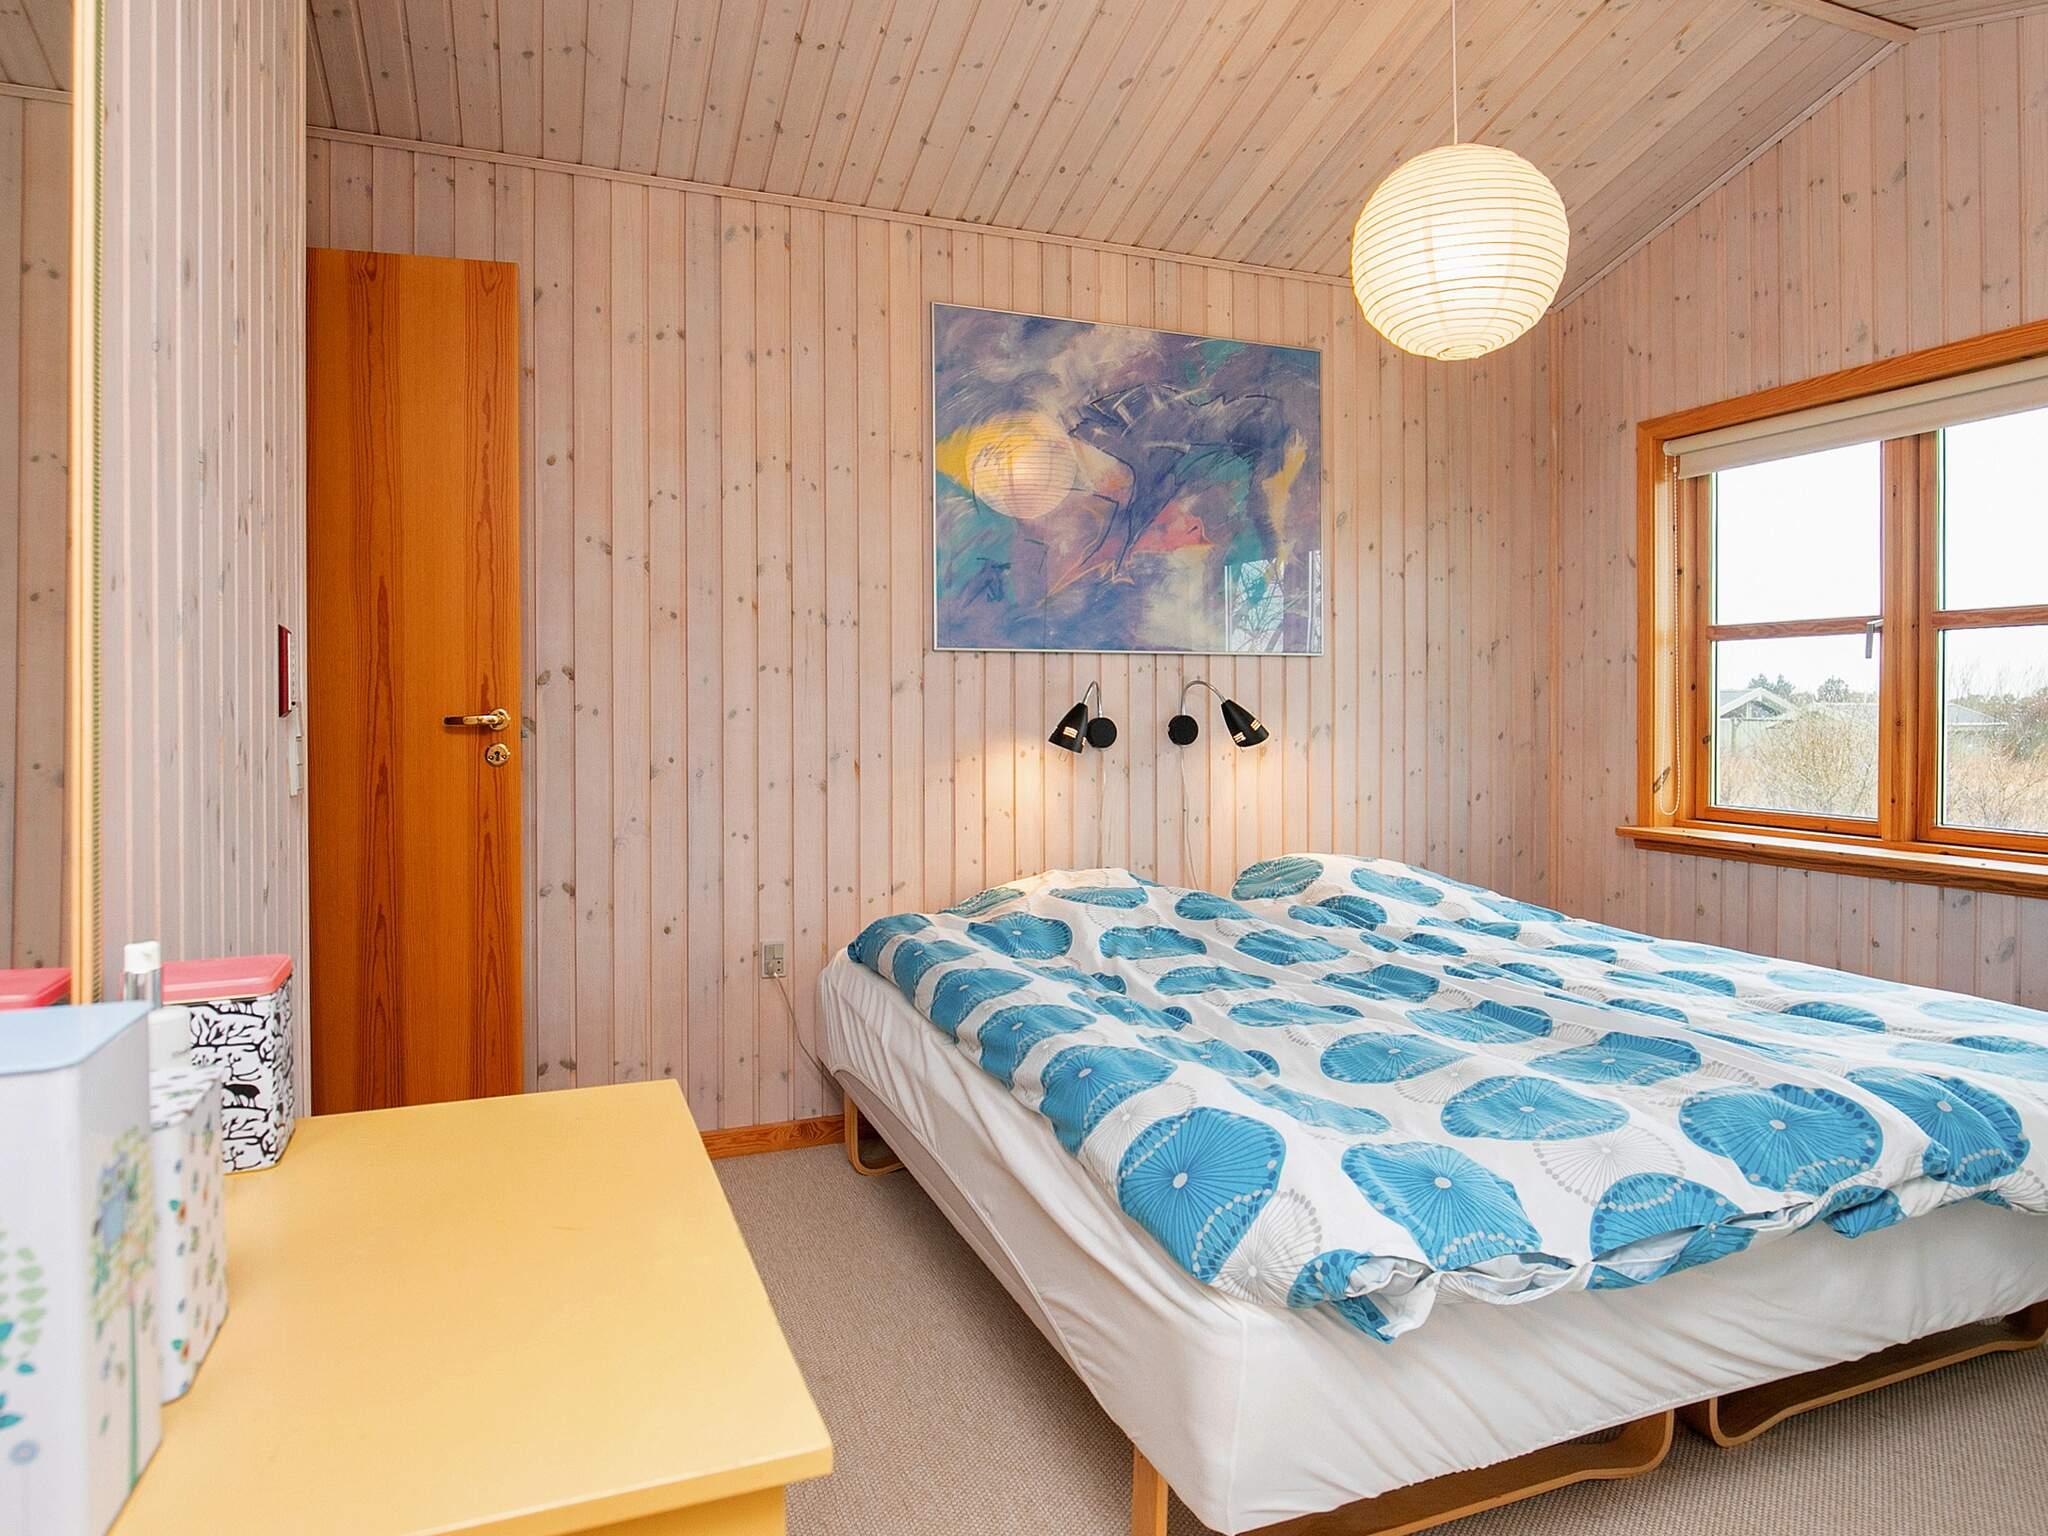 Ferienhaus Kjul Strand (2595175), Hirtshals, , Nordwestjütland, Dänemark, Bild 11